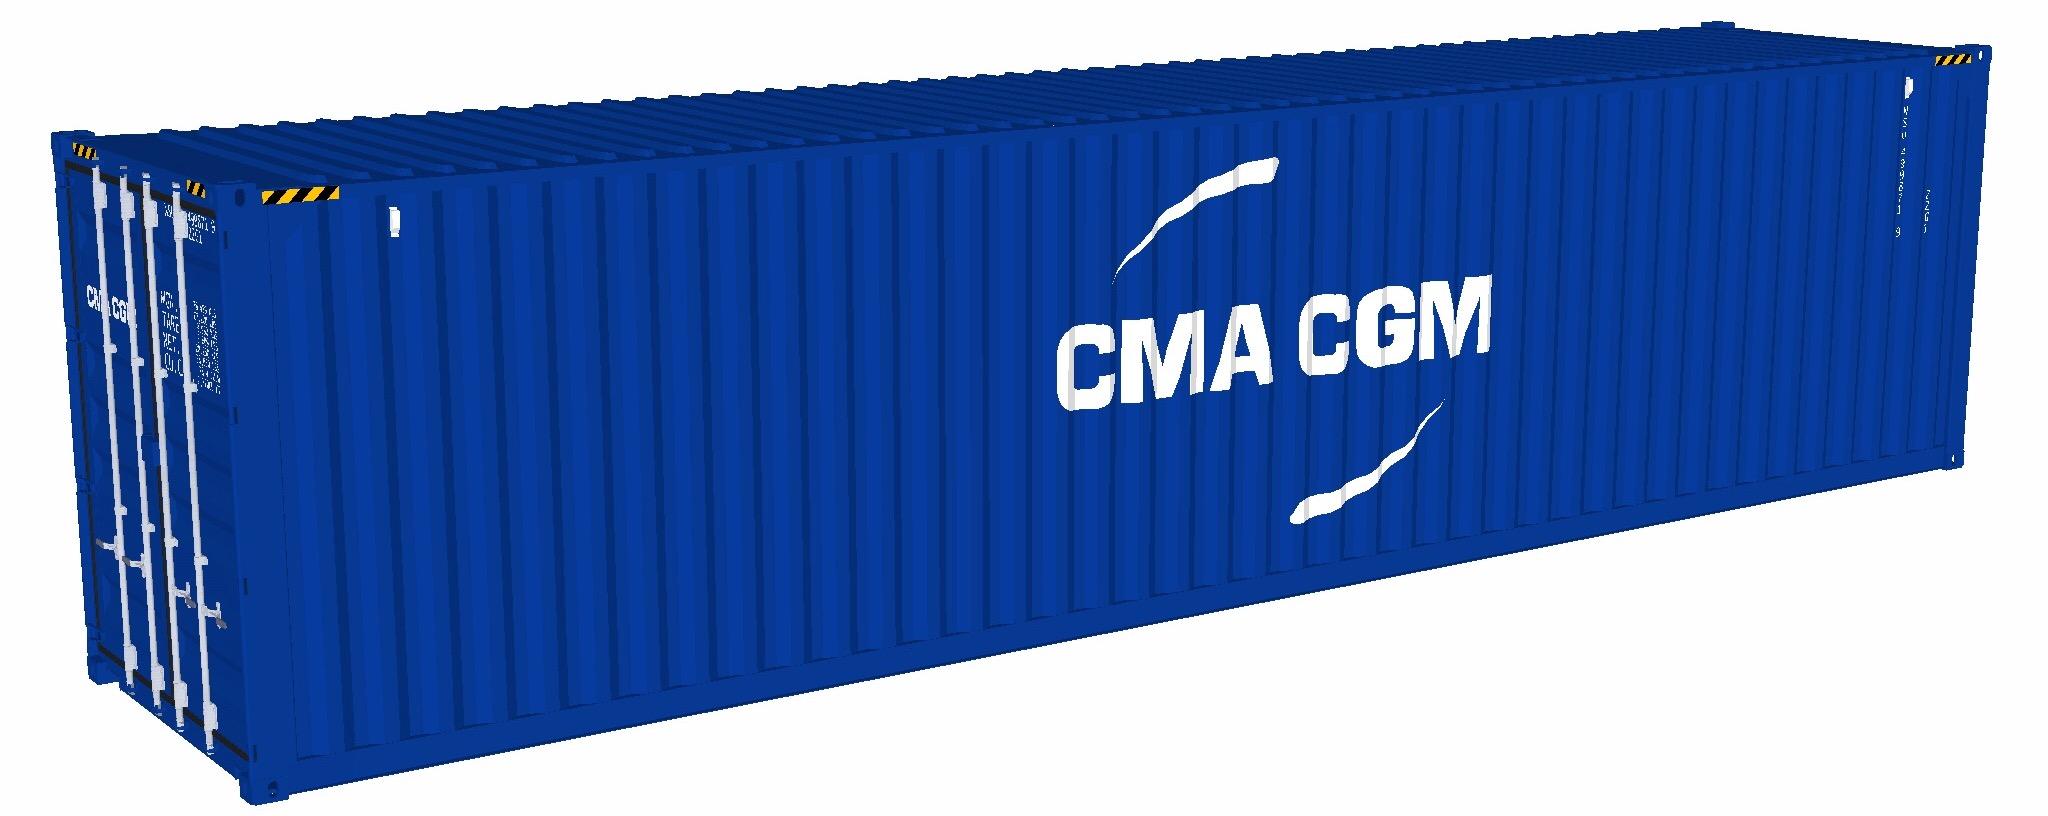 Container en plan joy studio design gallery best design for Container en